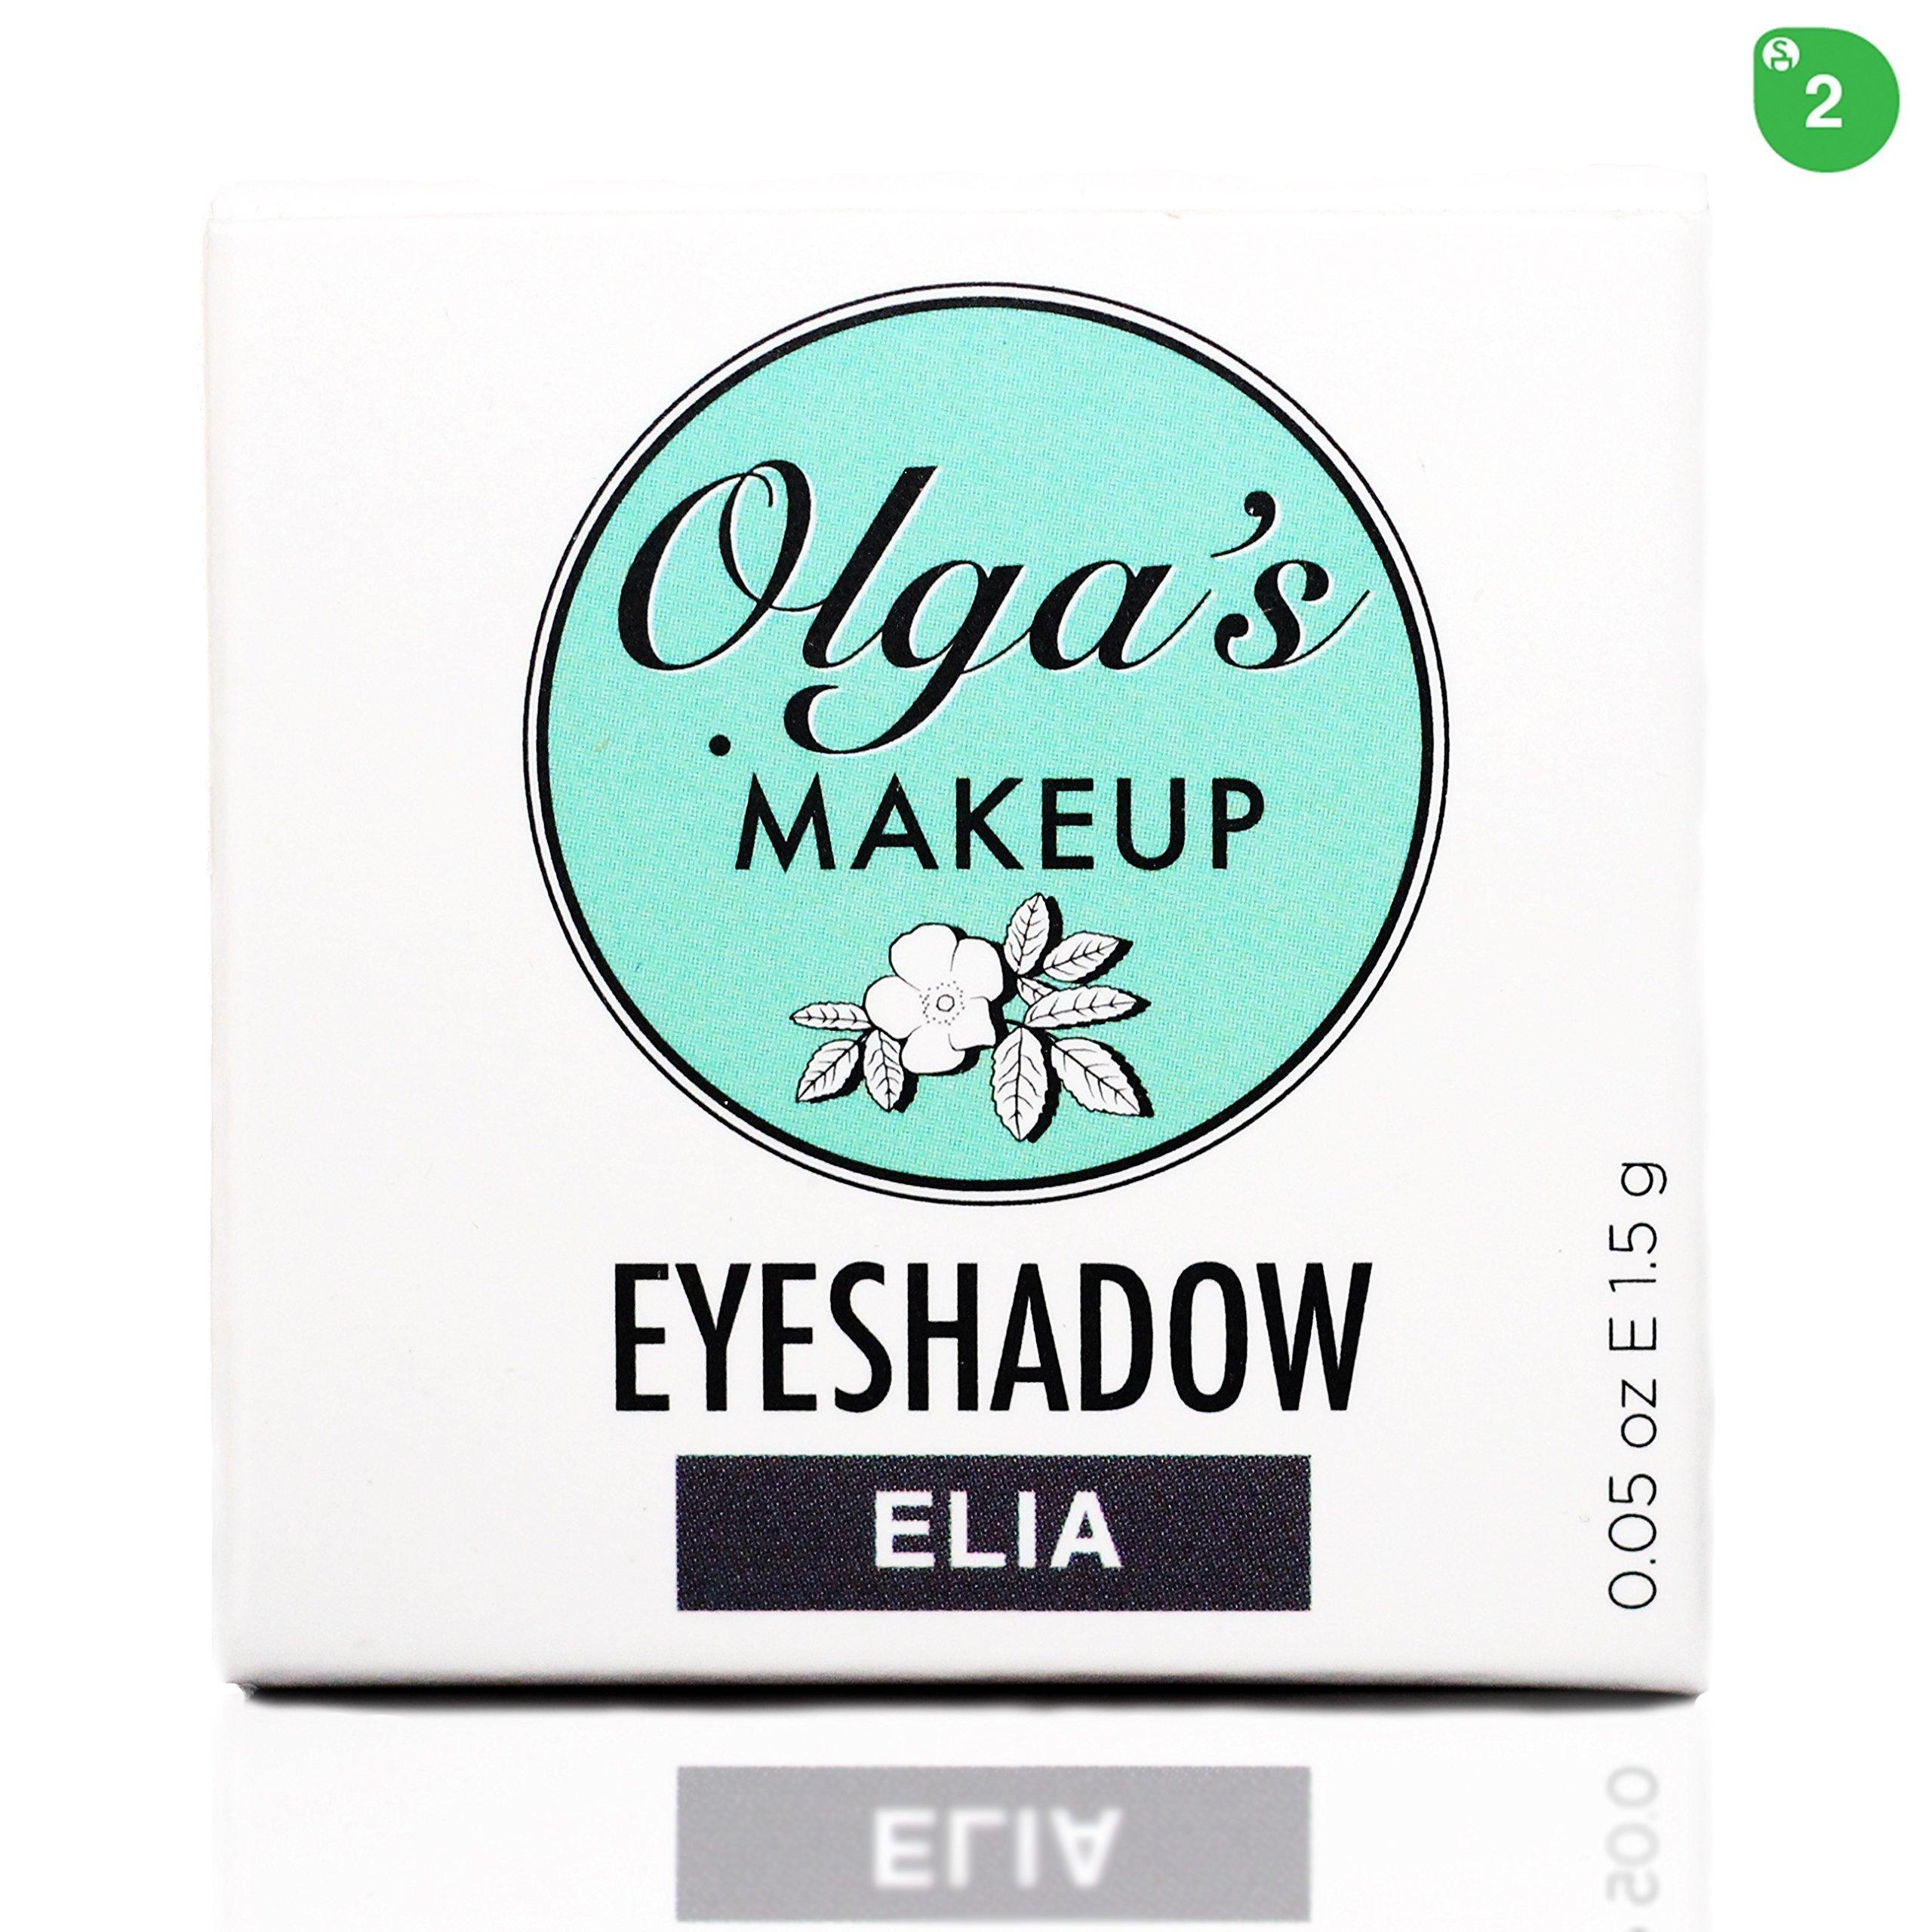 Organic & Mineral Eyeshadow - Elia